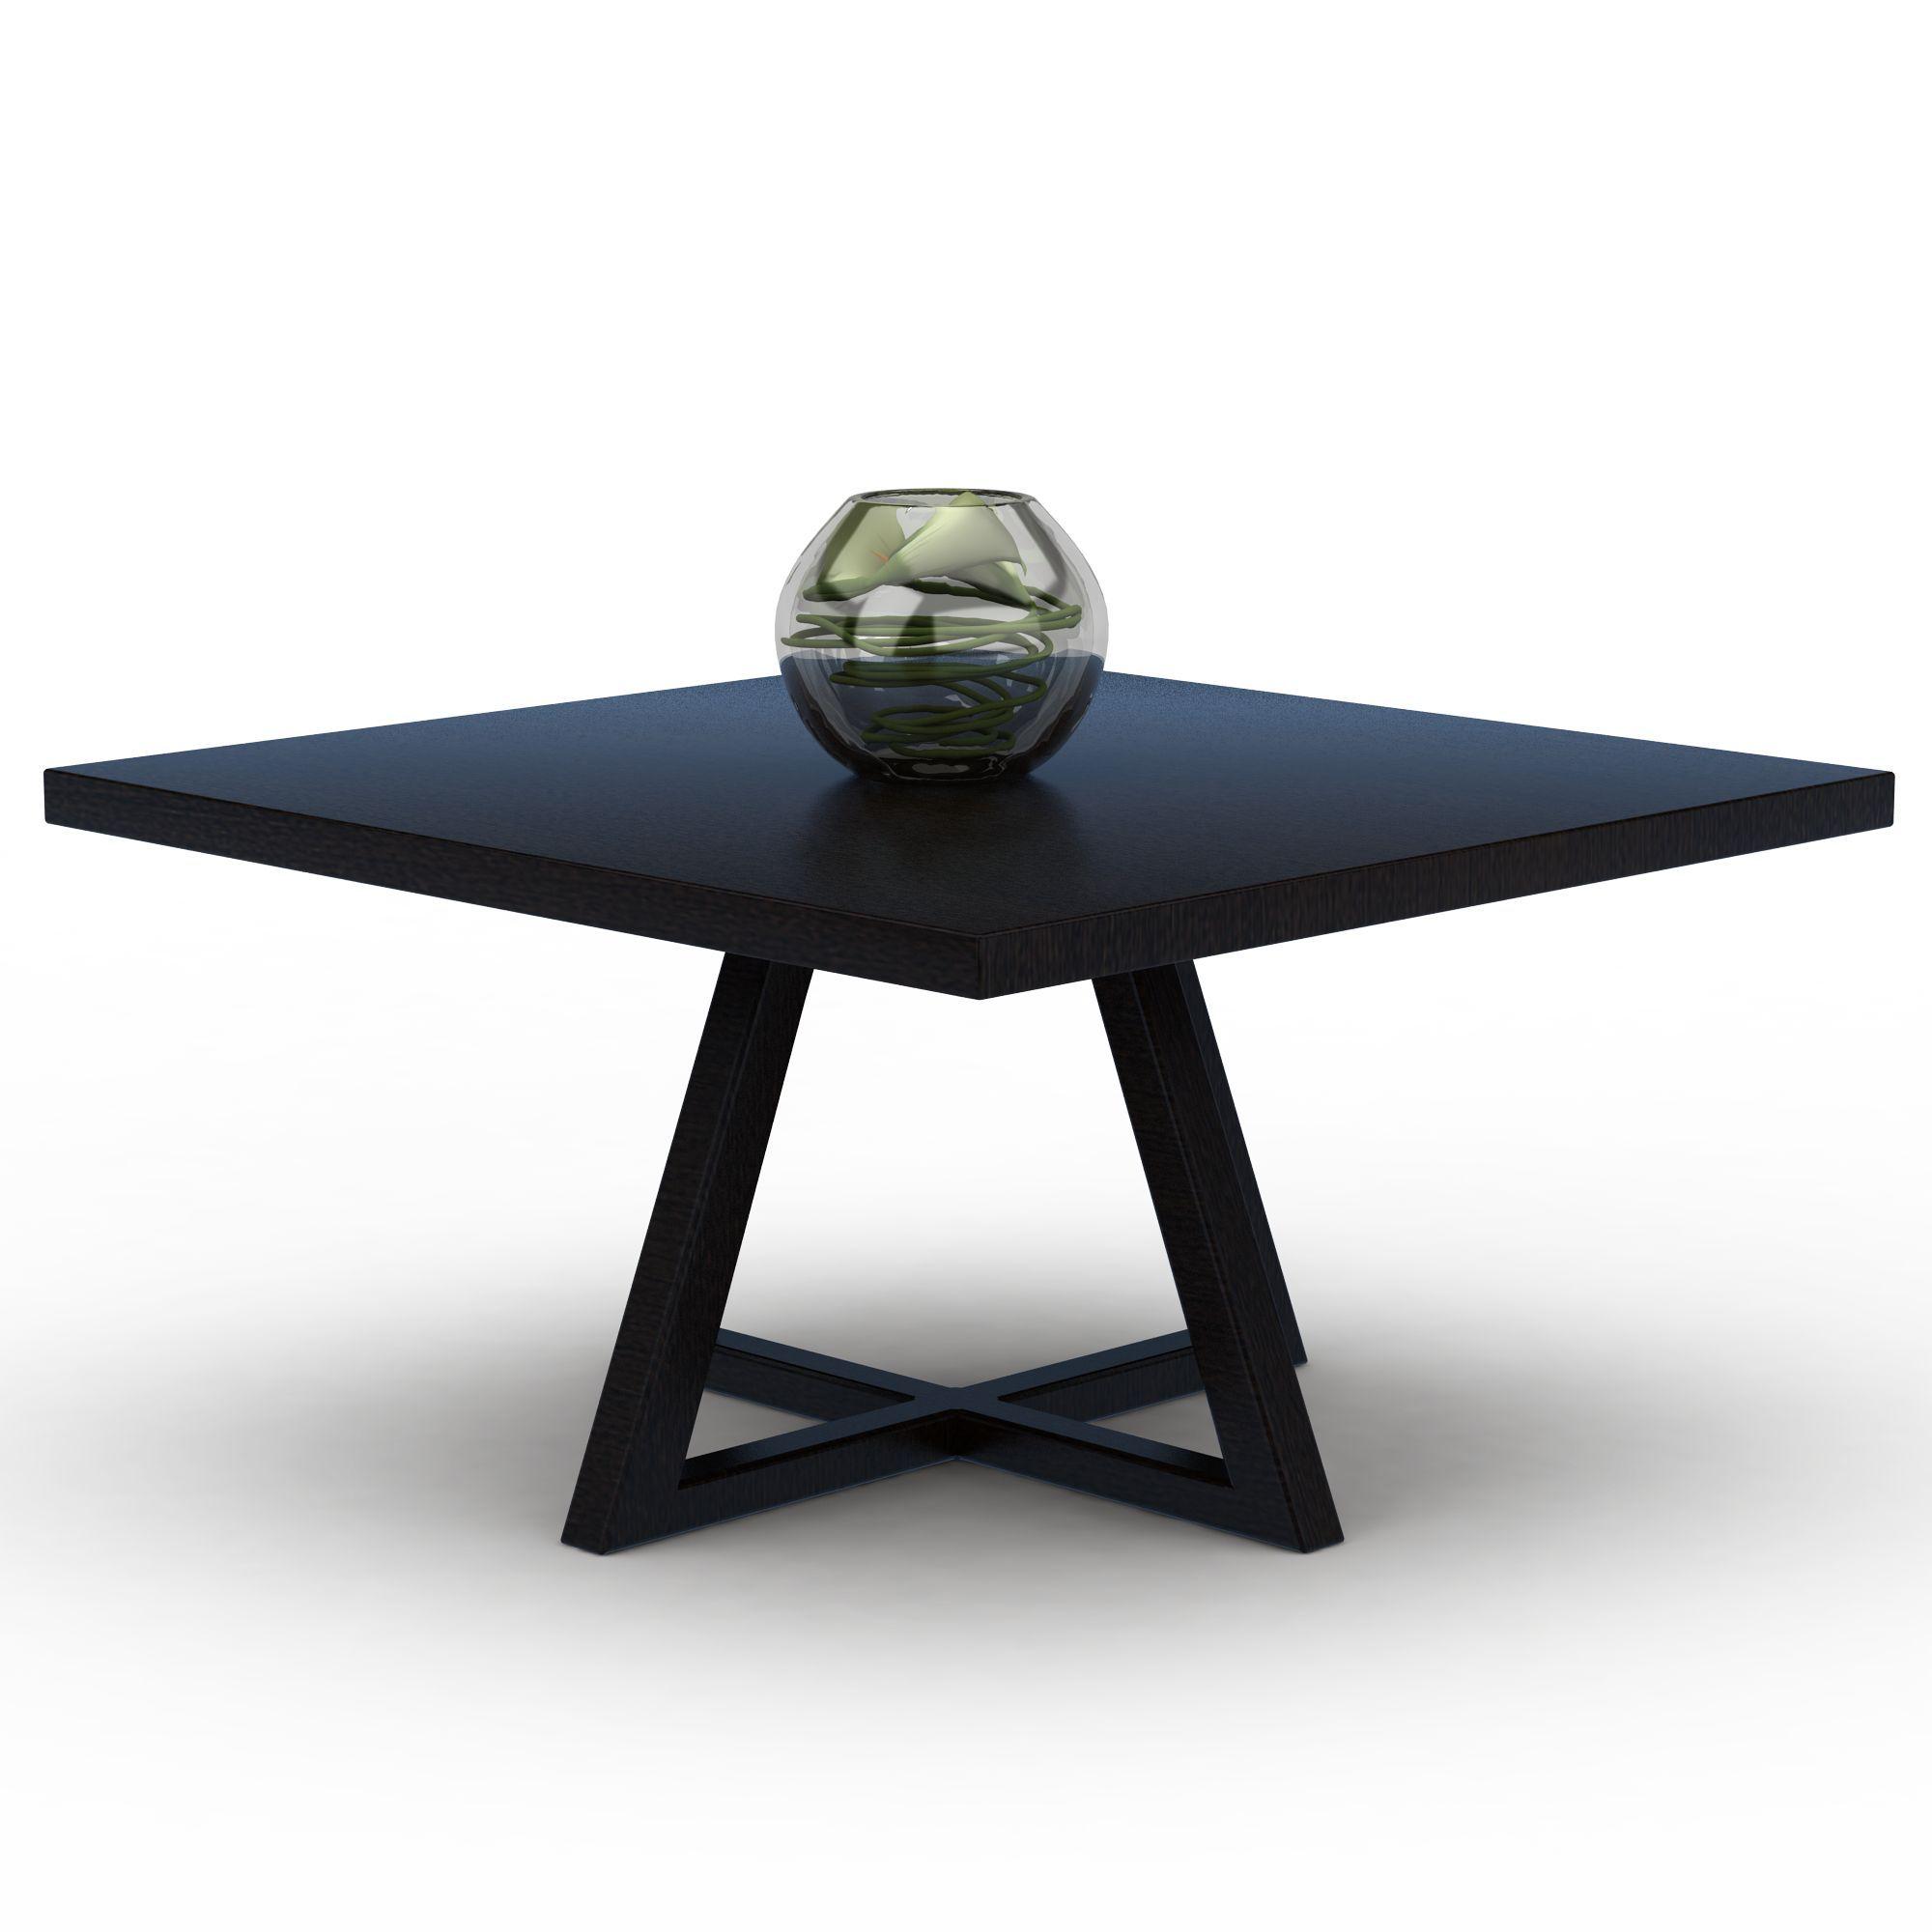 新中式桌子图片_新中式桌子png图片素材_新中式桌子图图片